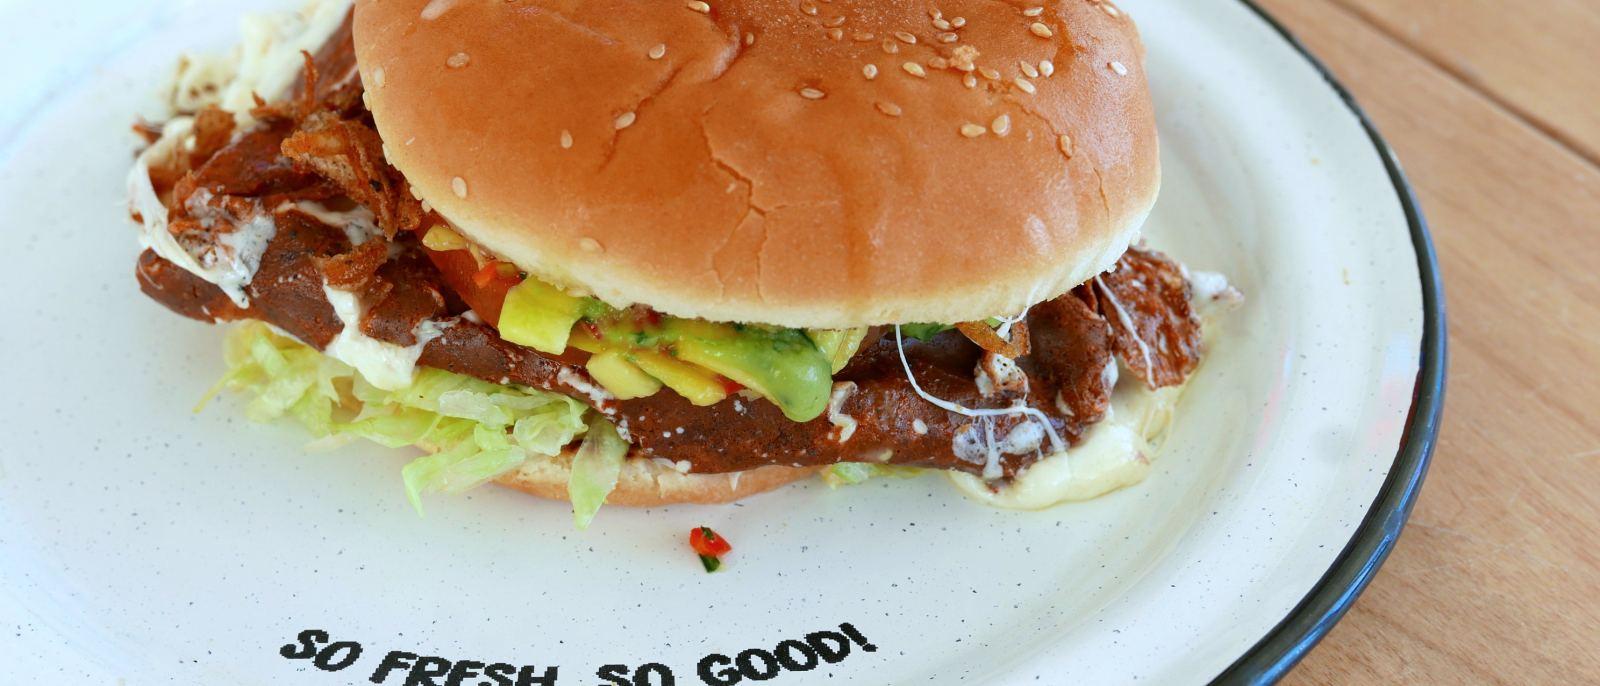 Patrona Burger at La Tostaderia